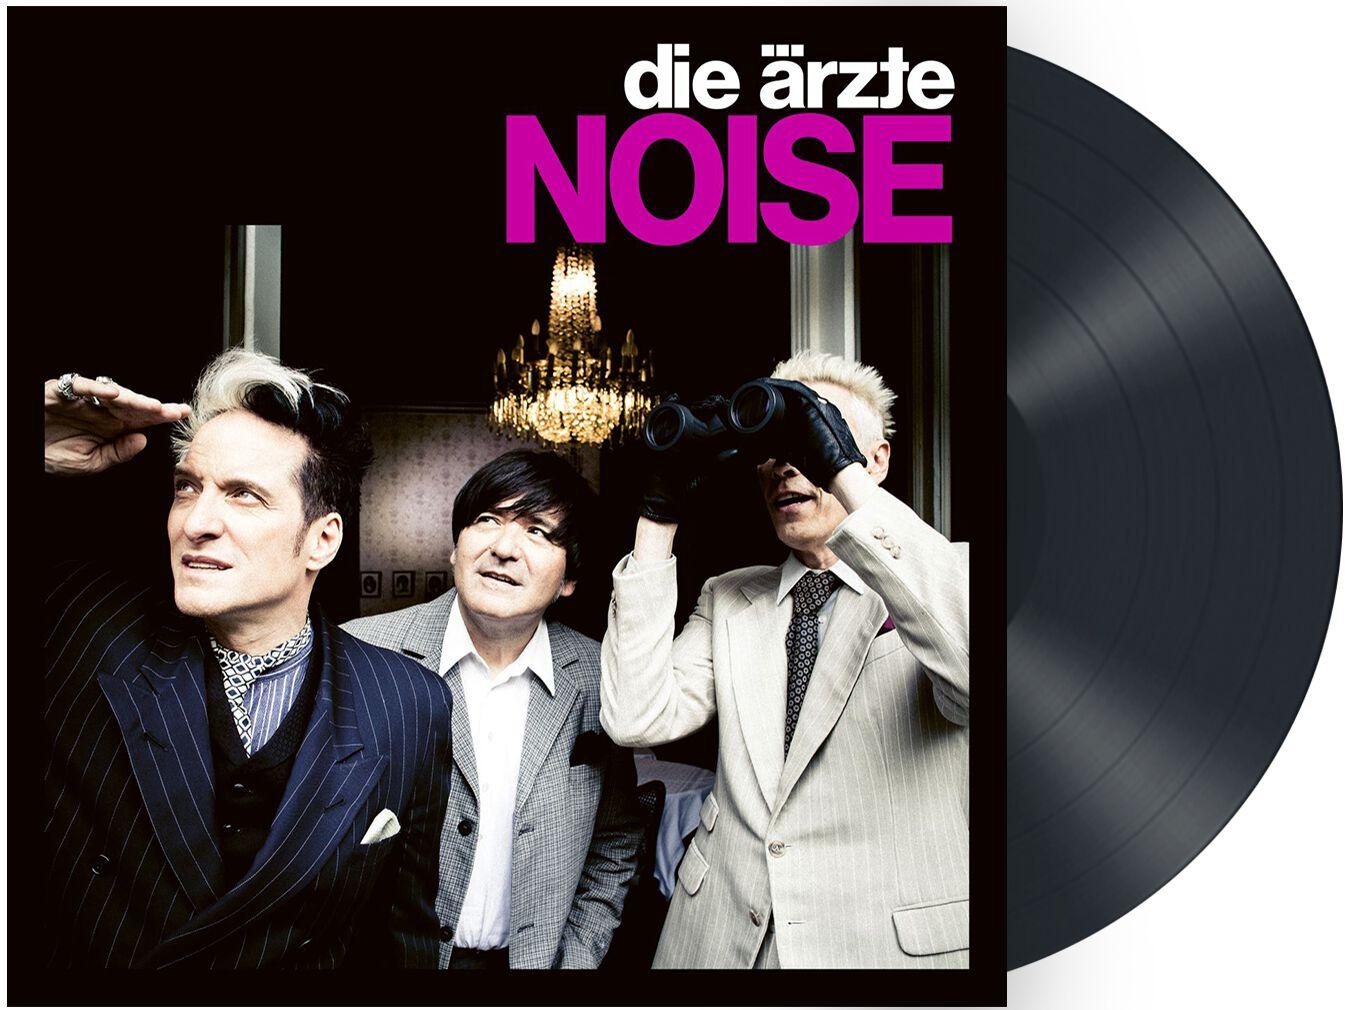 Image of Die Ärzte NOISE 7 inch-SINGLE schwarz